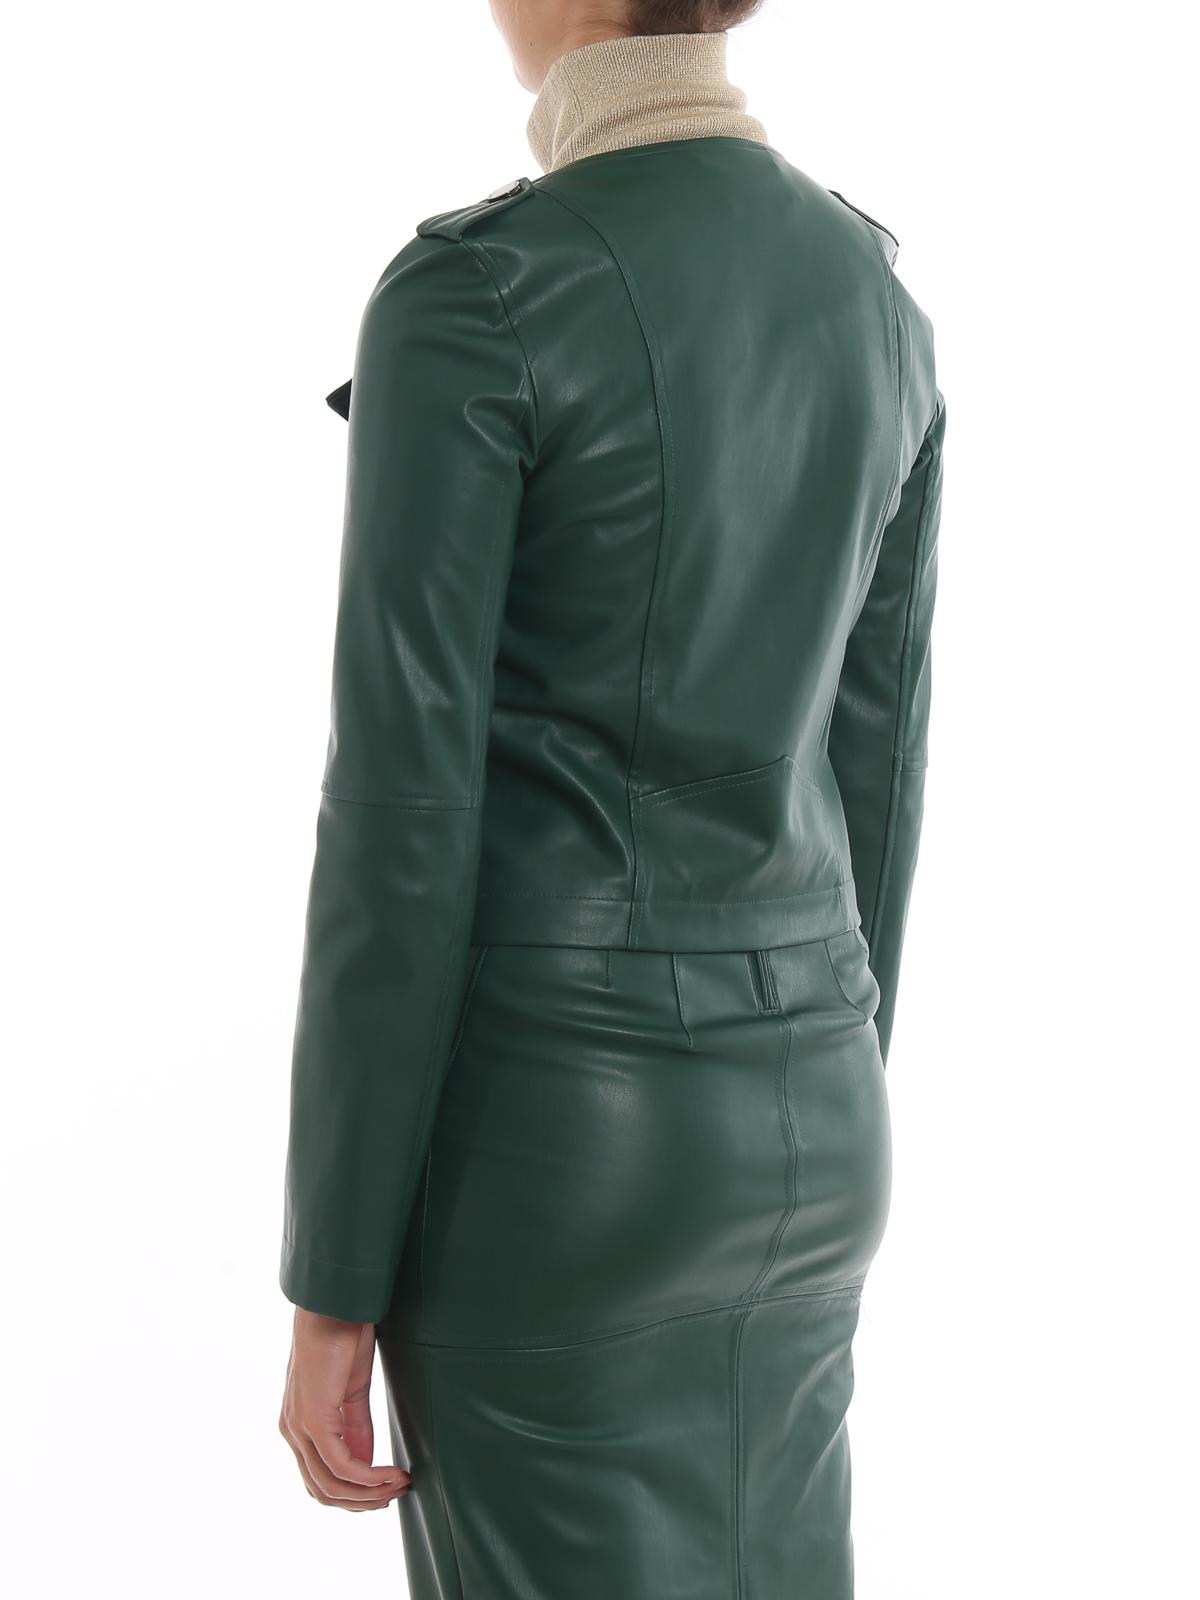 brand new ca45e 25b9b Patrizia Pepe - Giacca corta in simil pelle - giacche in ...